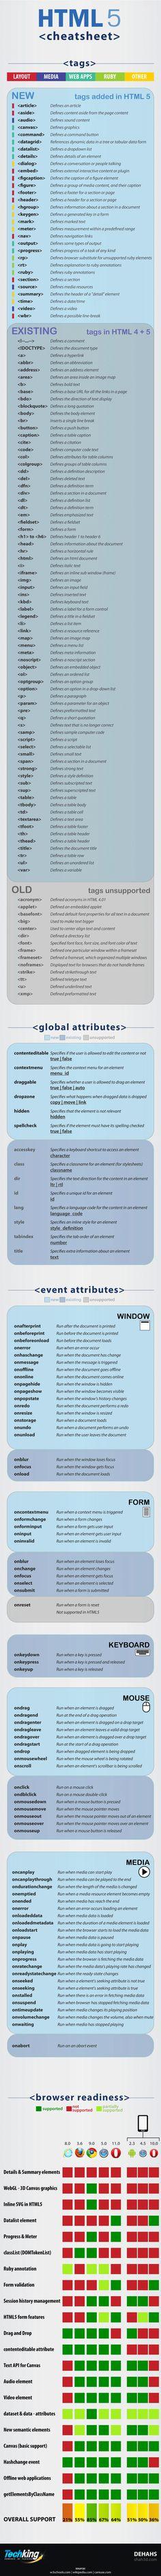 HTML5 Cheatsheet